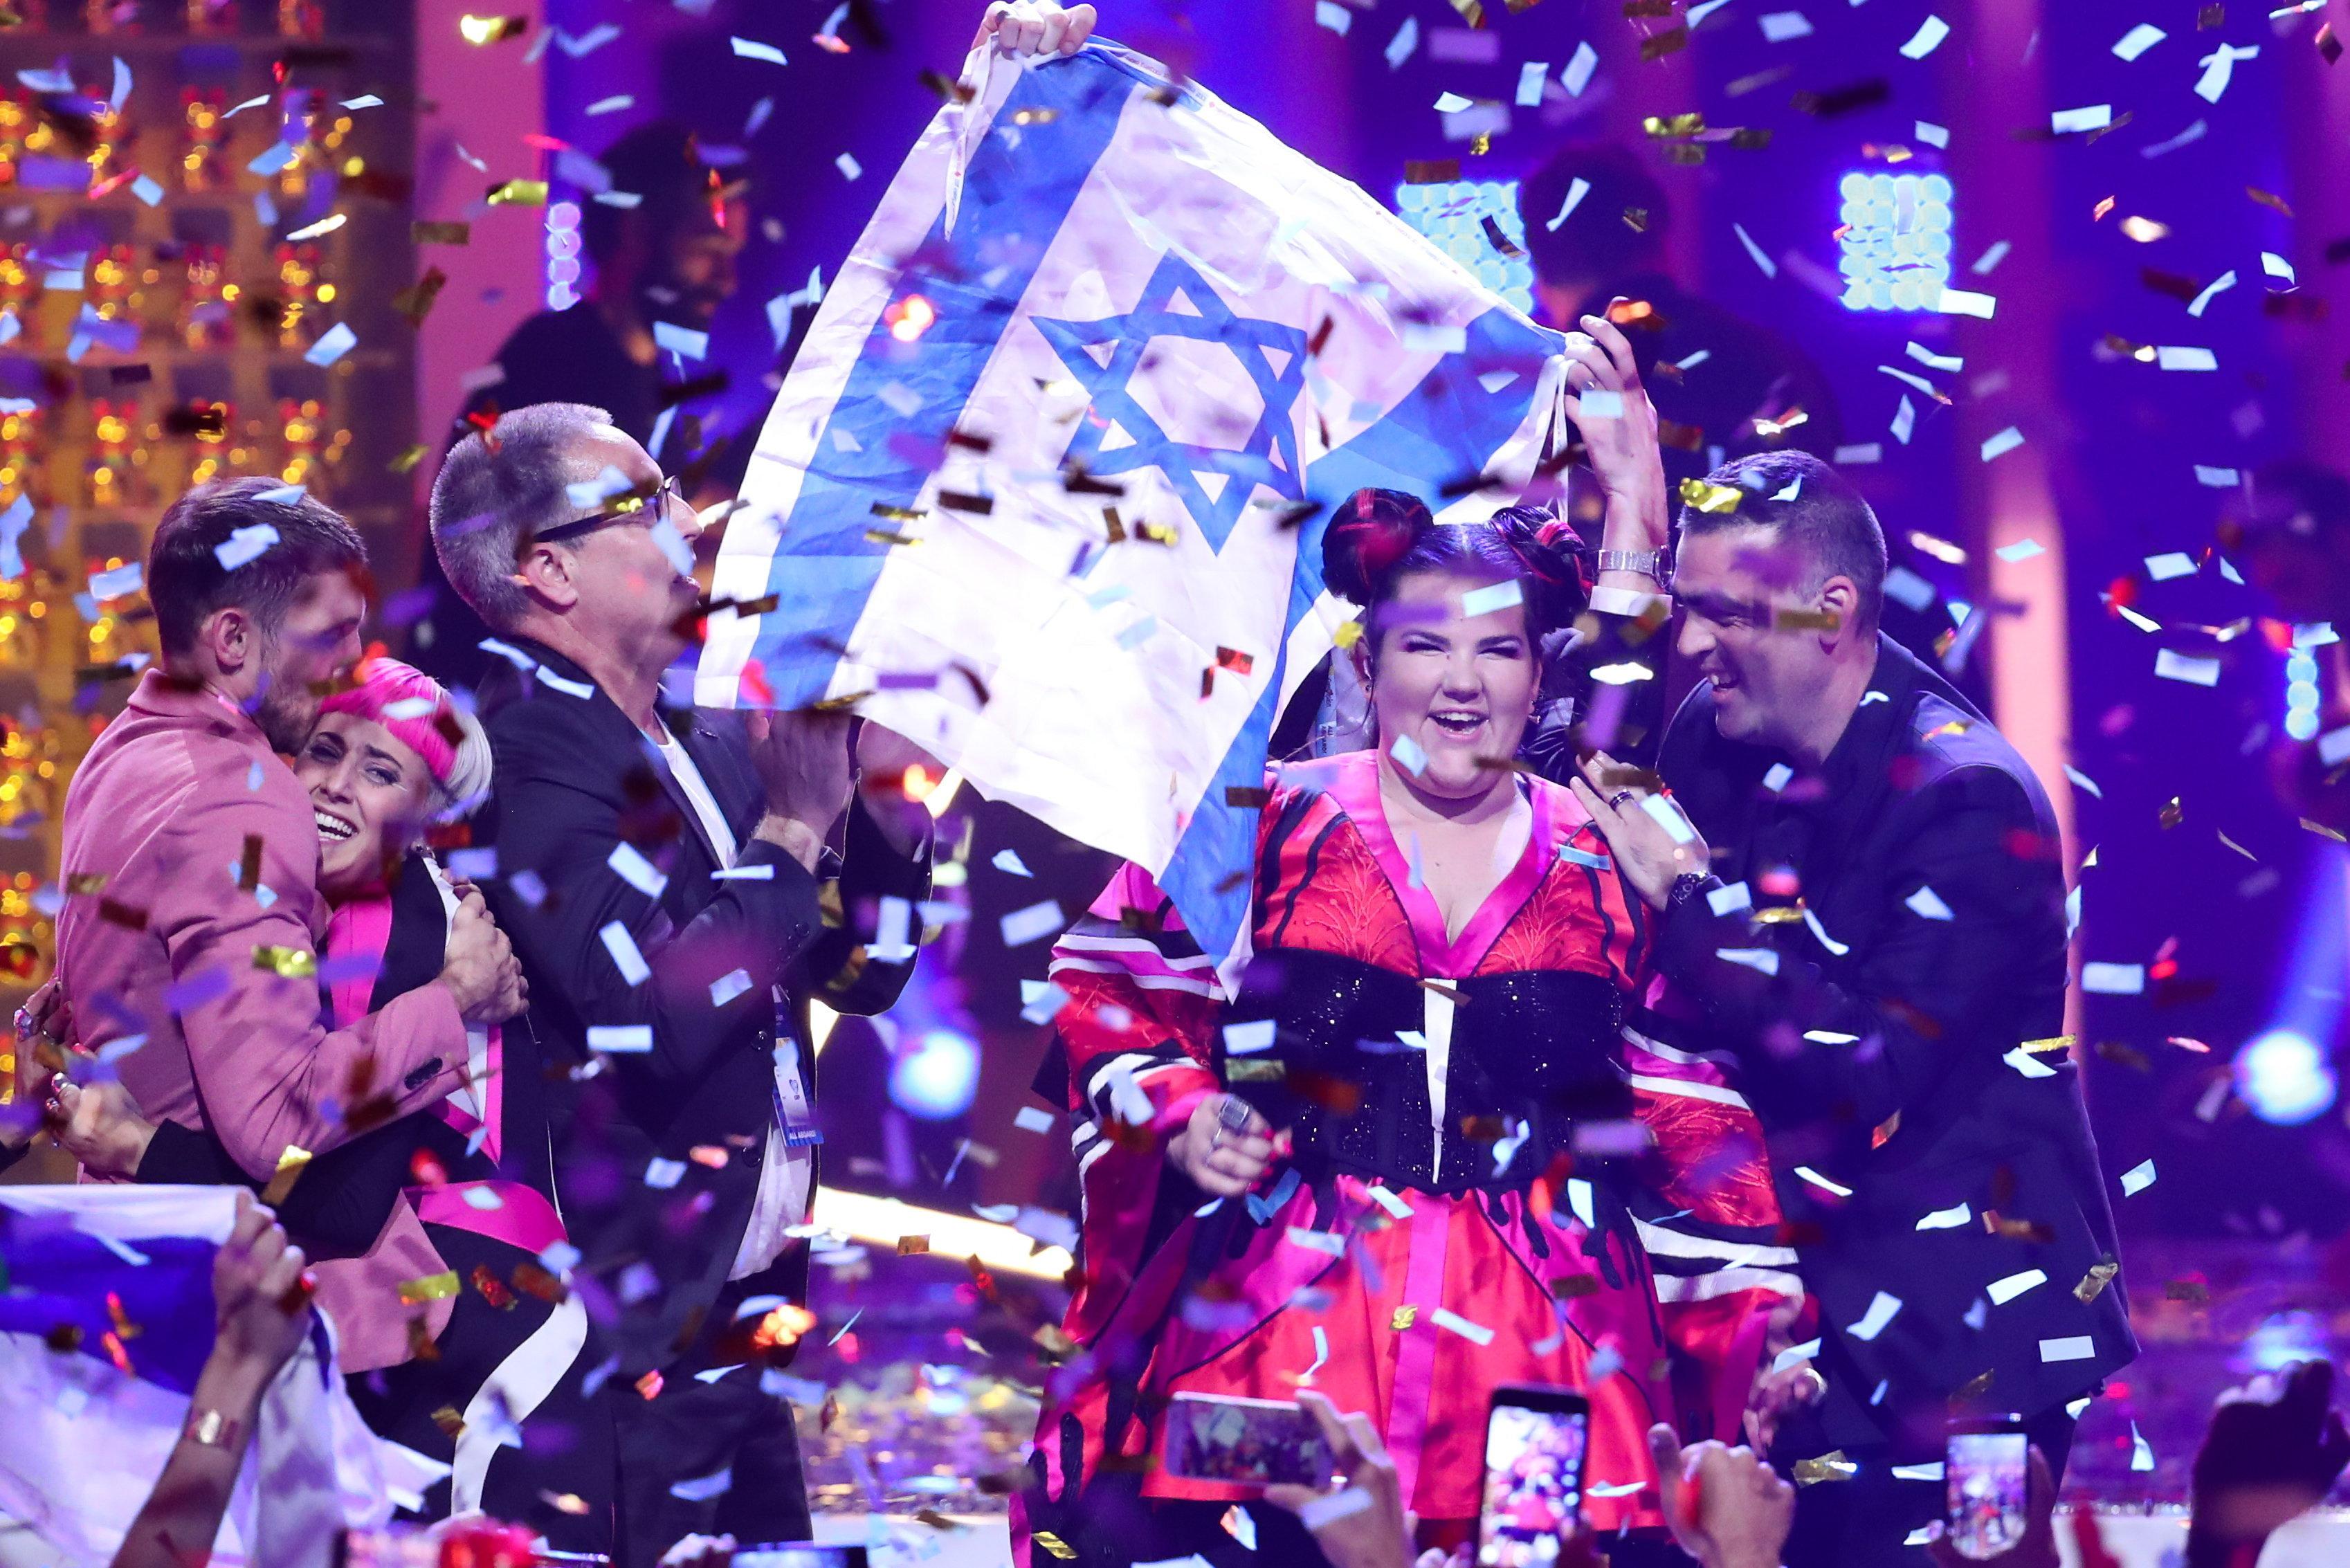 140 καλλιτέχνες από την Ευρώπη (και όχι μόνο) θα μποϊκοτάρουν την Eurovision 2019 εάν γίνει στο Ισραήλ